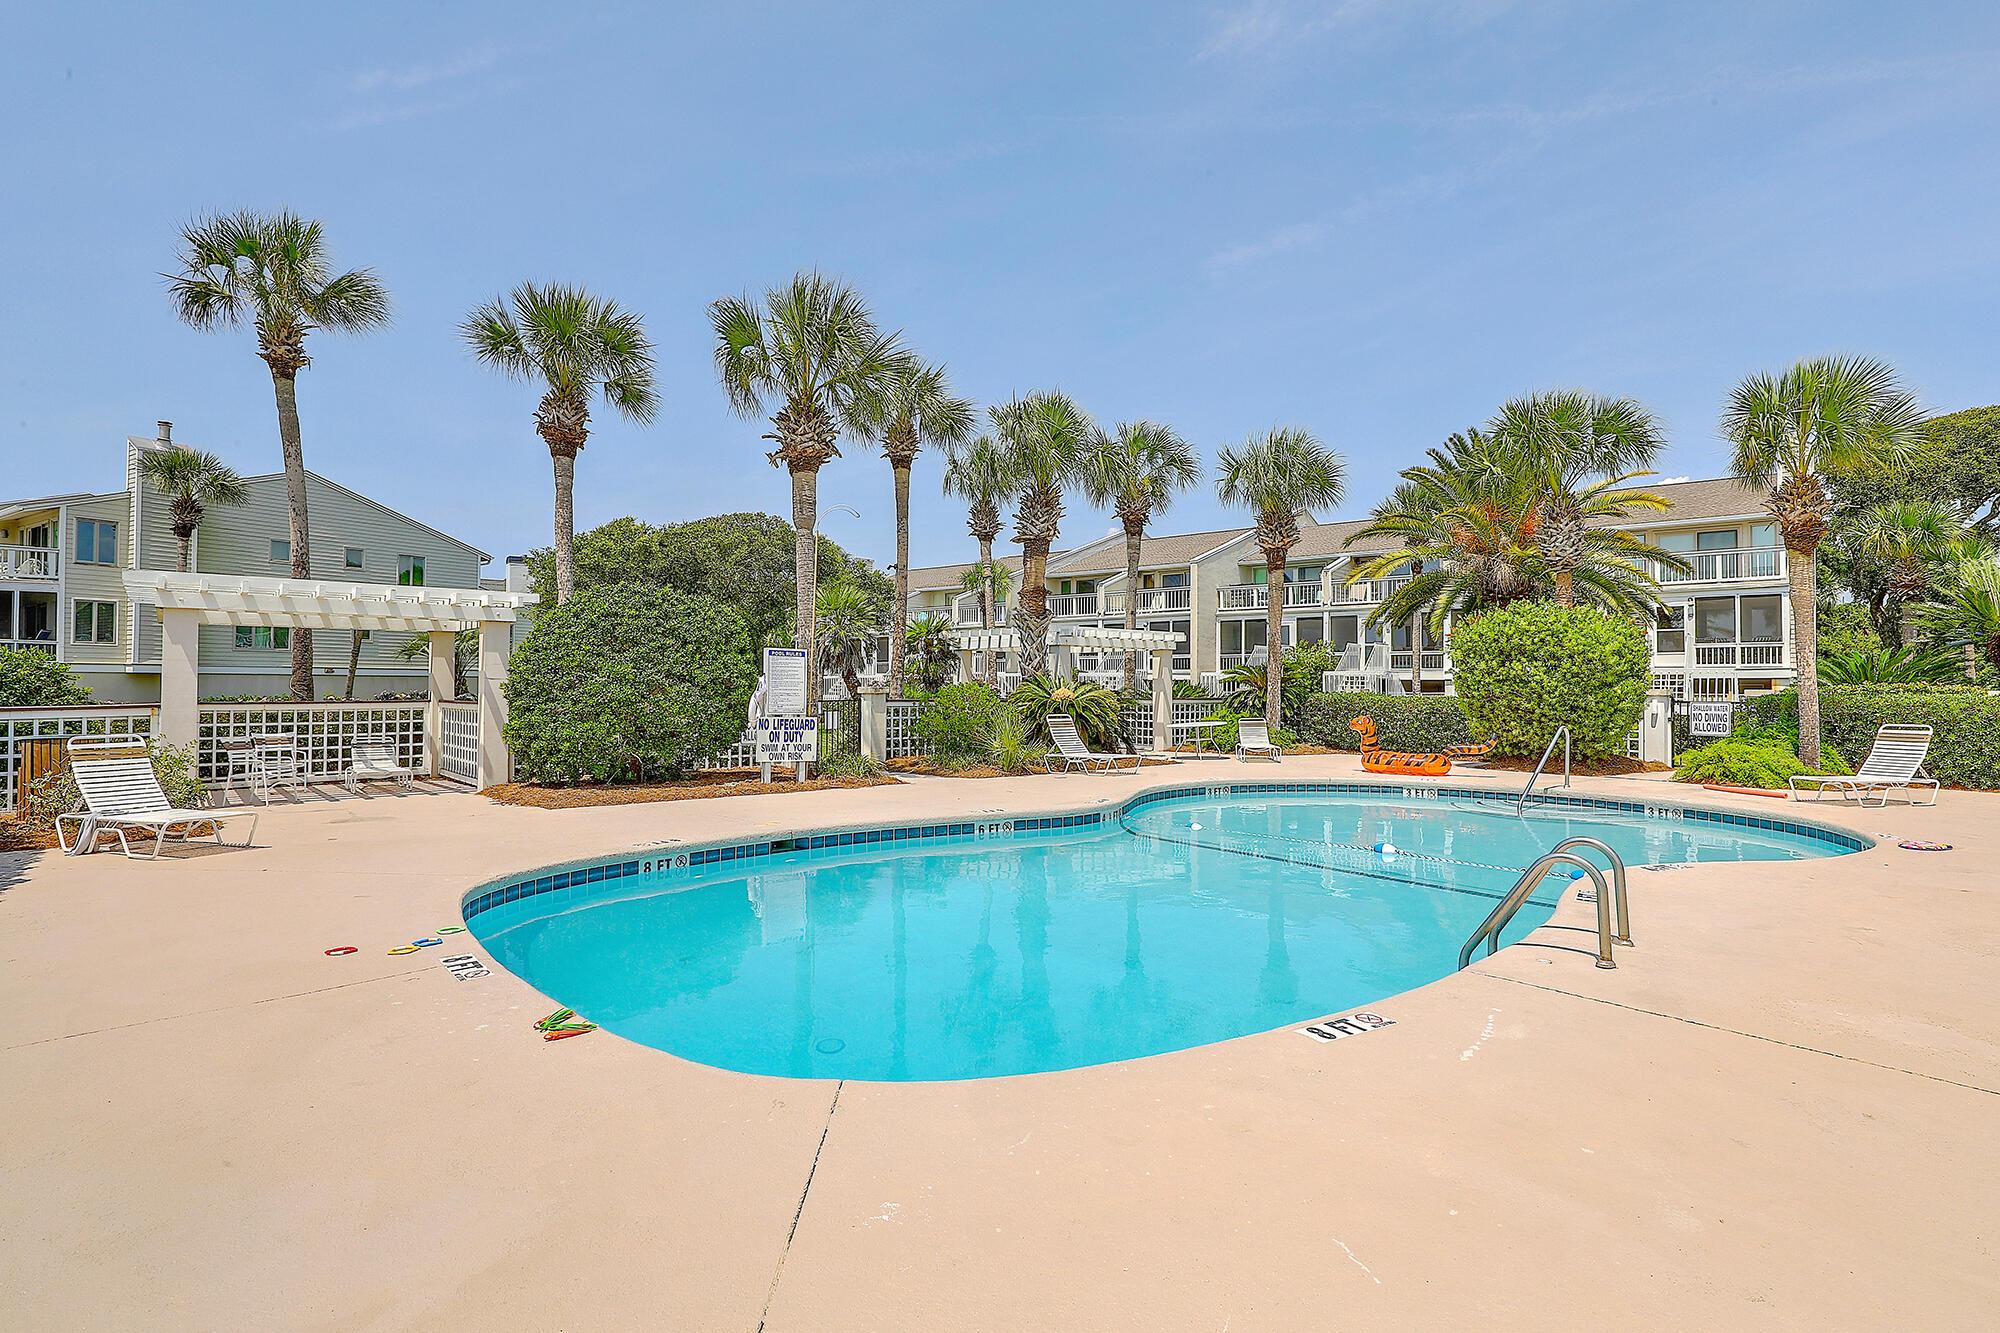 Beach Club Villas Homes For Sale - 15 Beach Club Villas, Isle of Palms, SC - 45